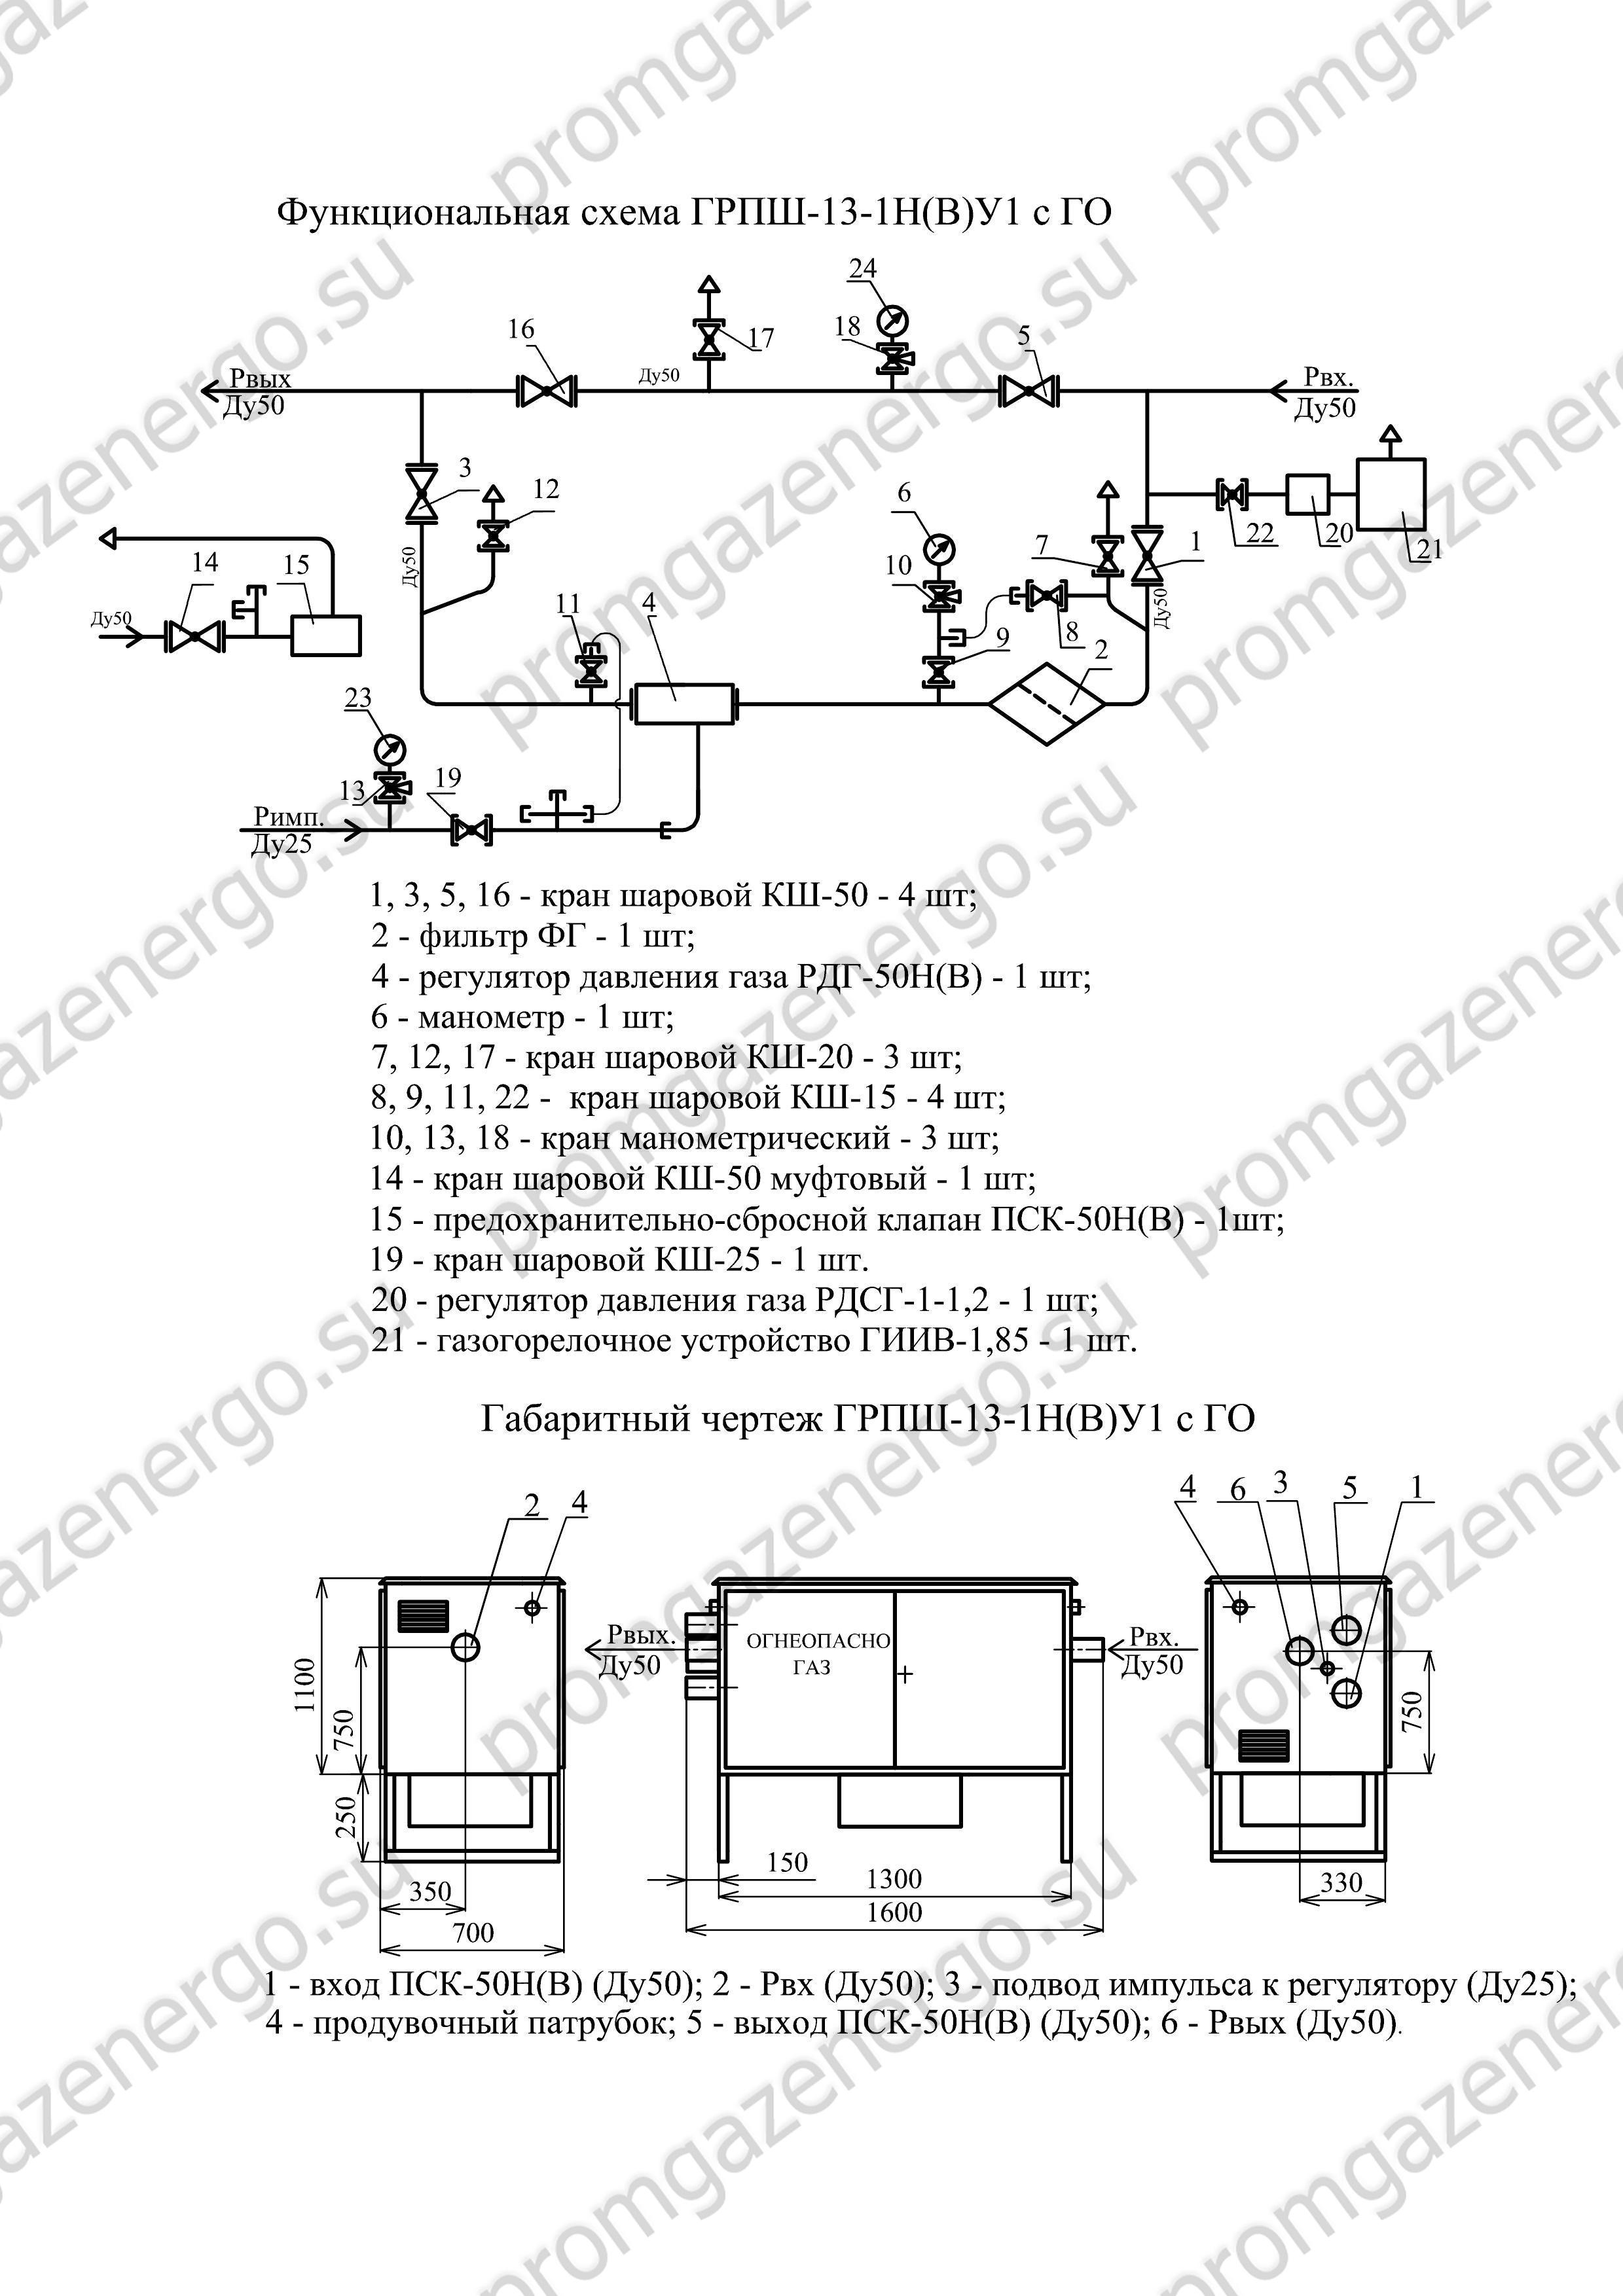 функциональная схема грпш 05-2у1